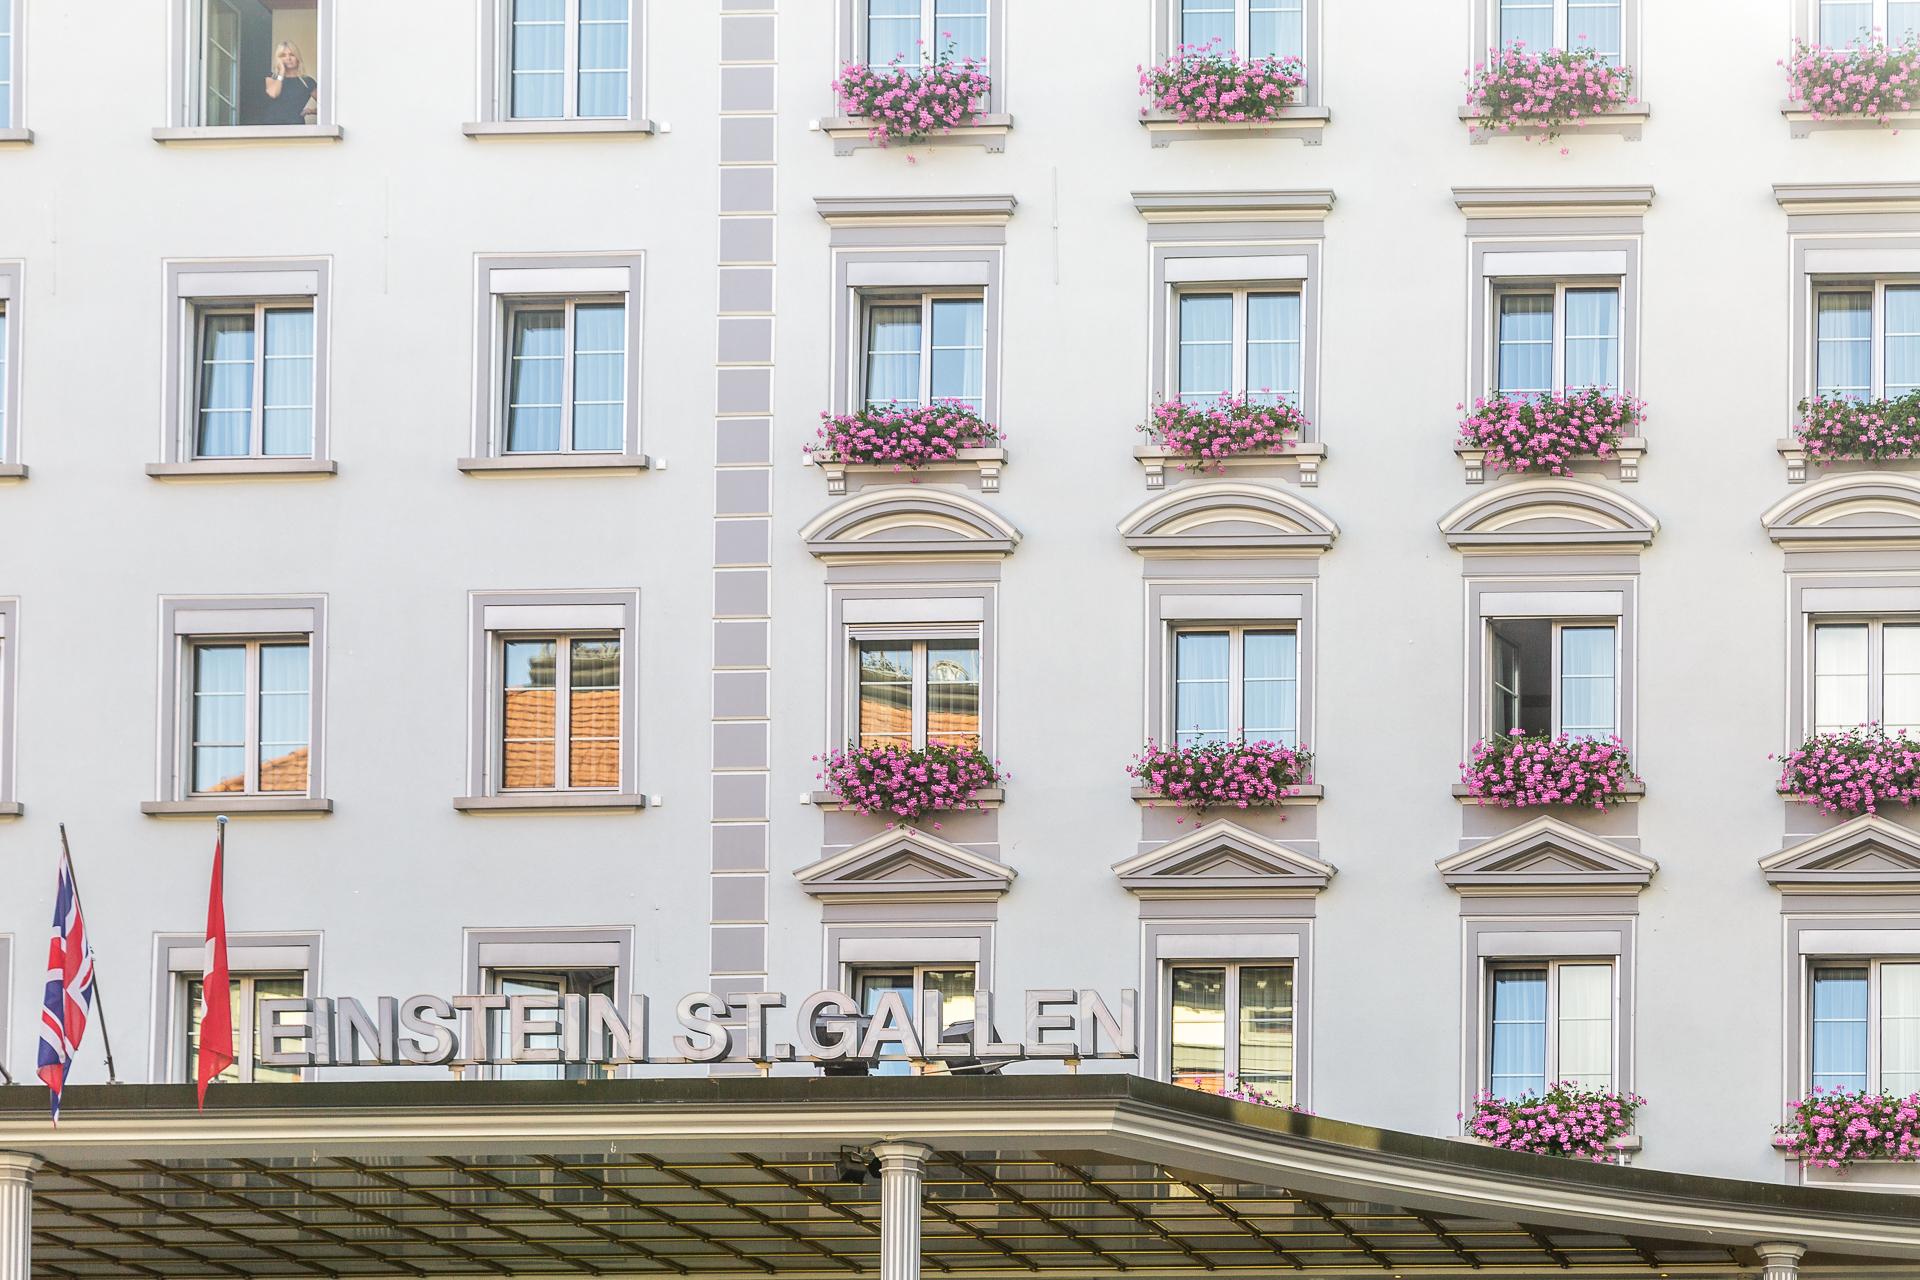 Einstein-St-Gallen